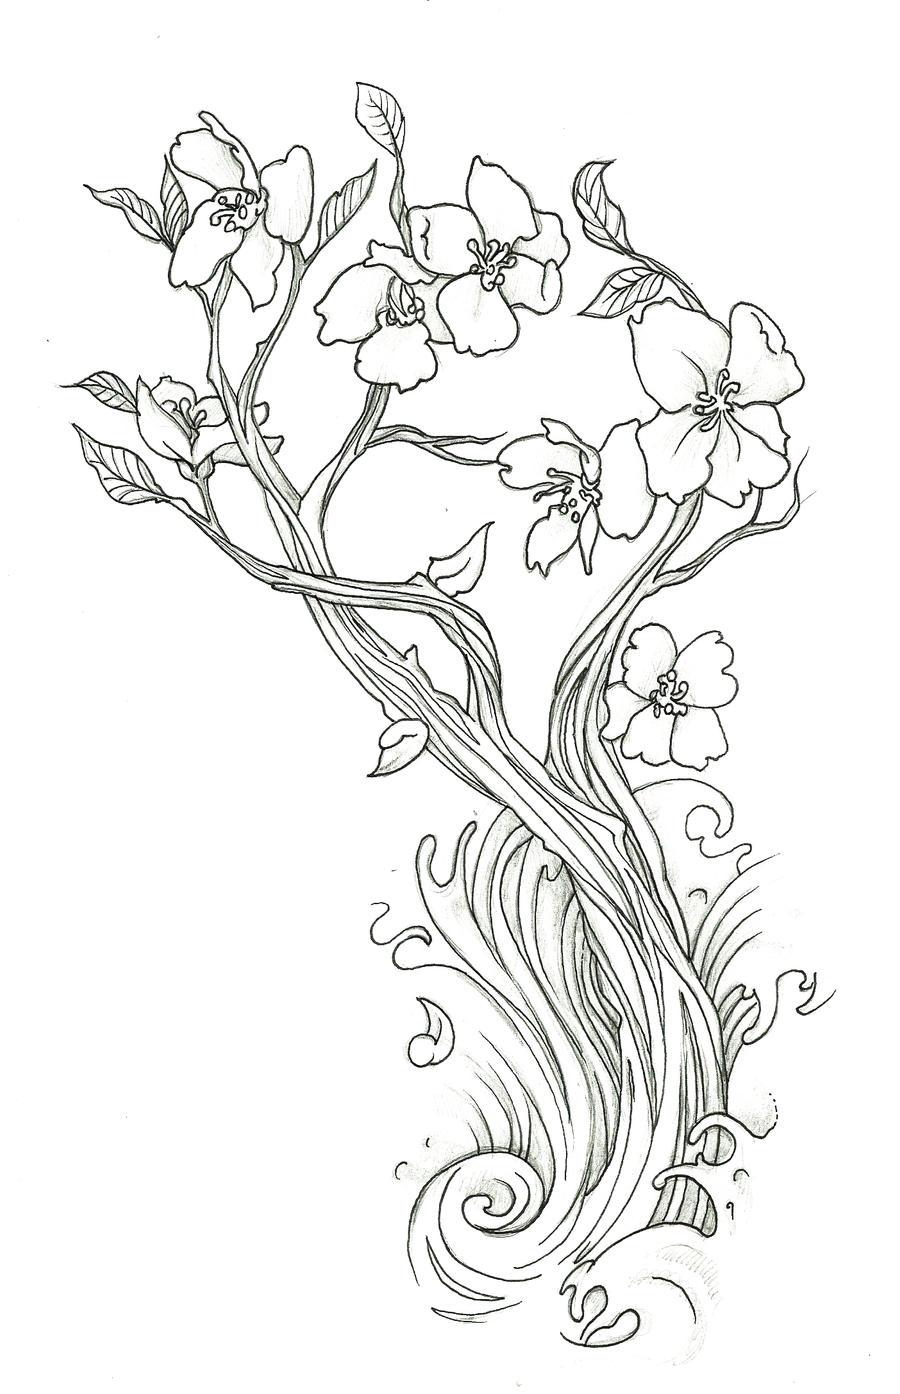 Cherry Blossom by endofnonentity on DeviantArt